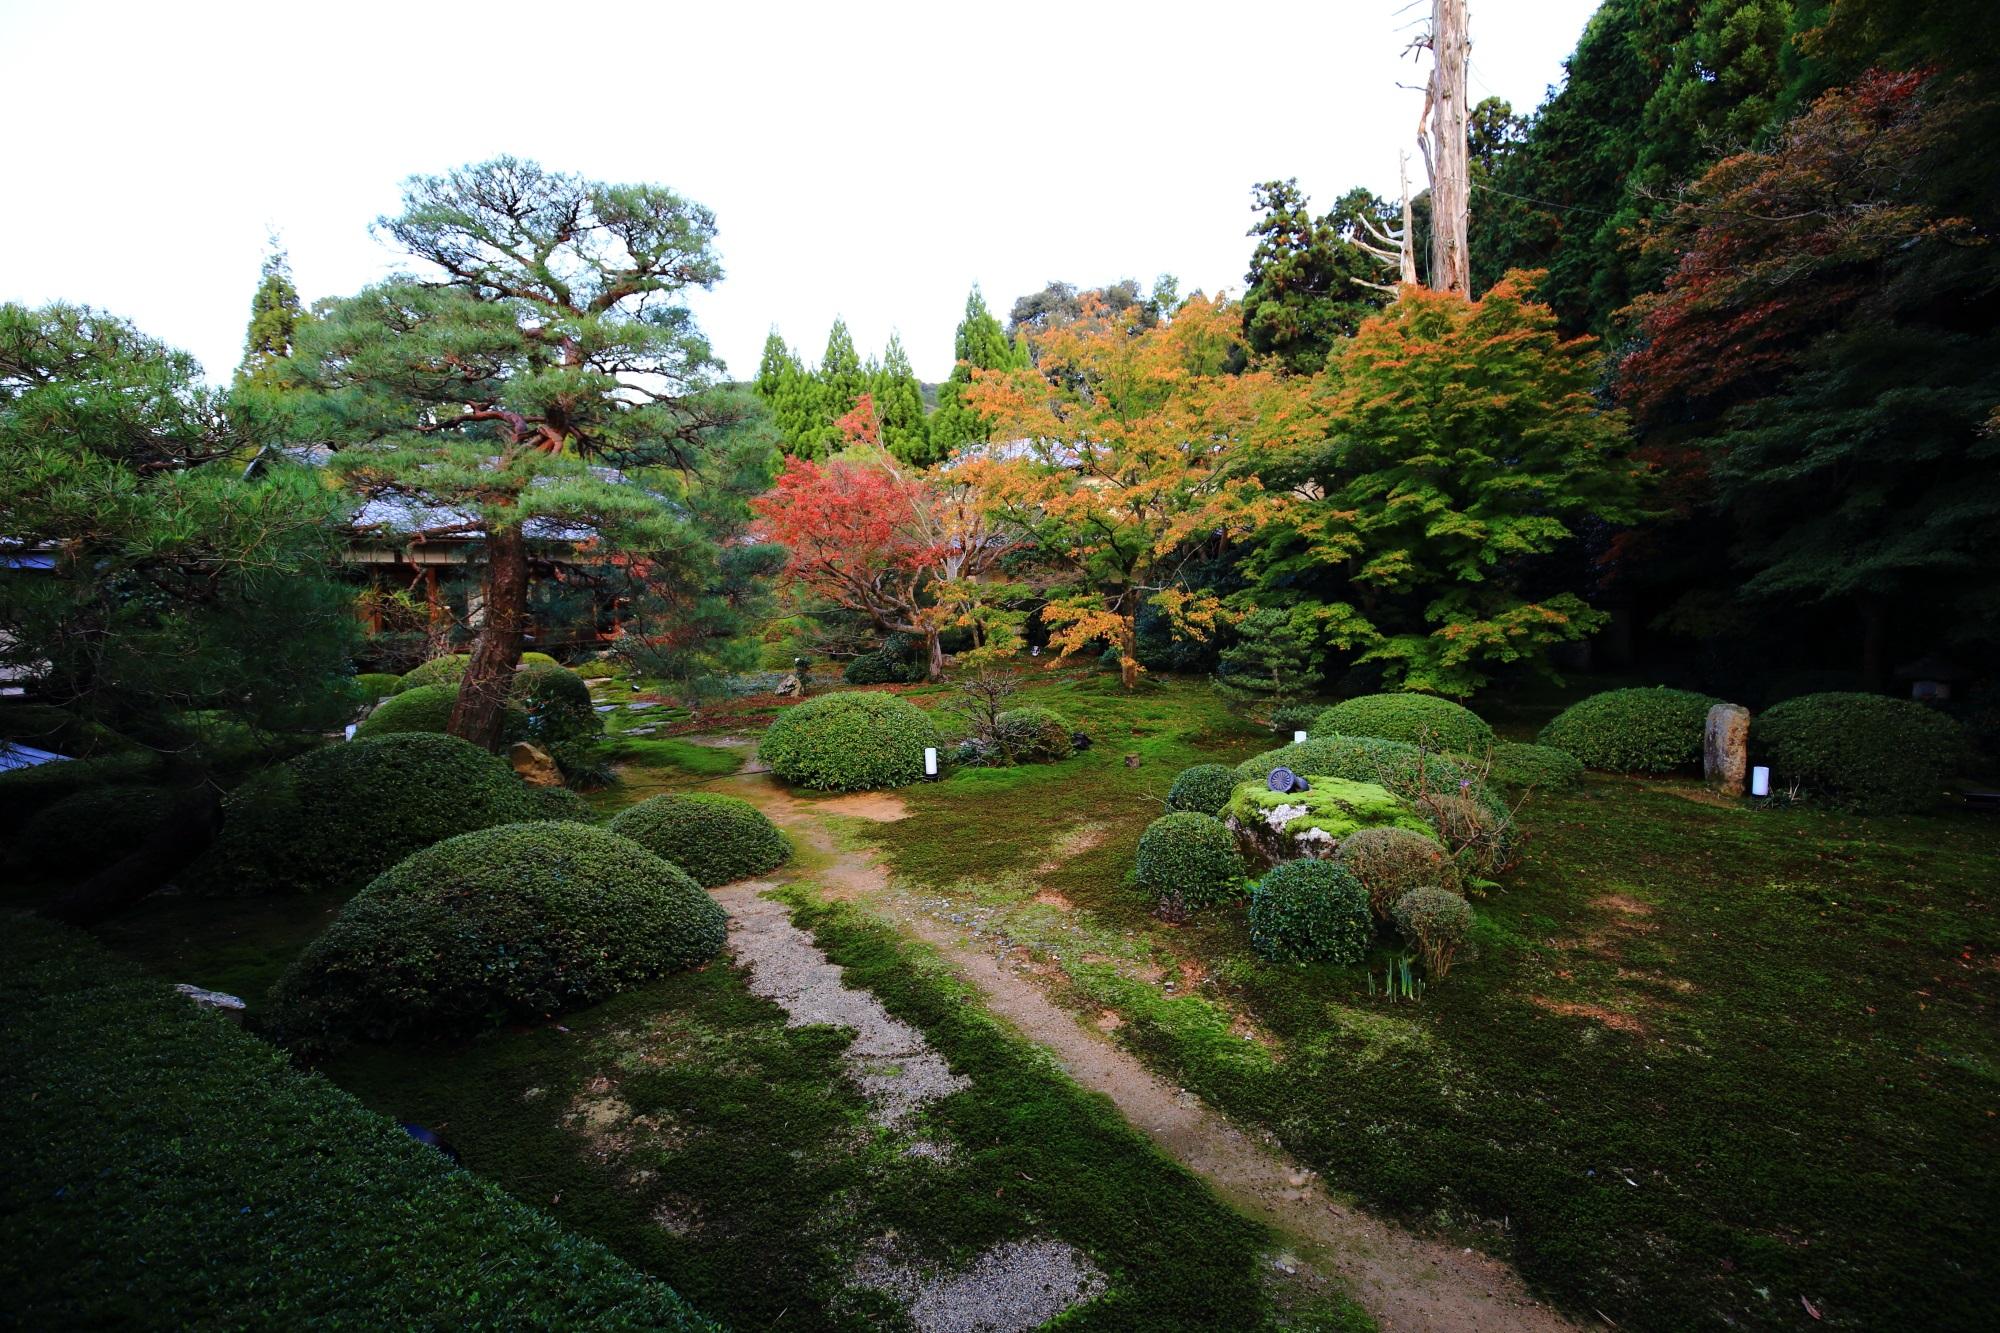 泉涌寺別院の雲龍院の庭園の苔と紅葉